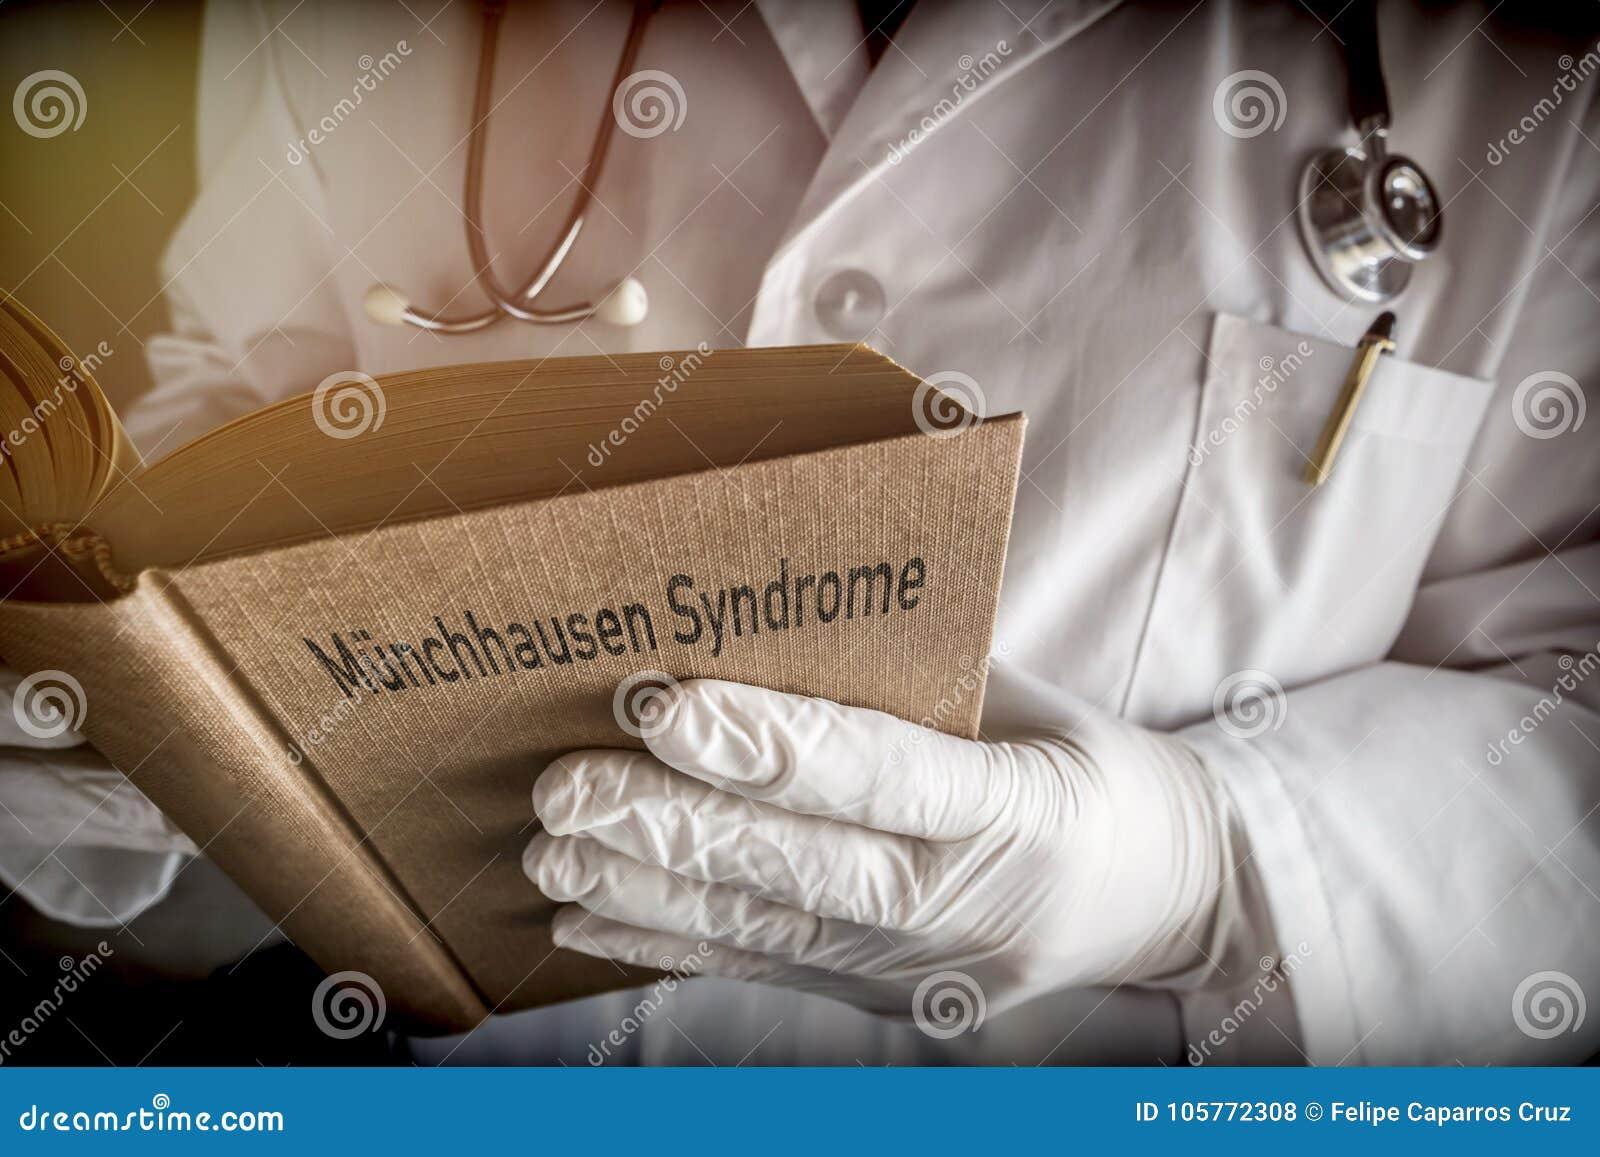 Doktor hält in einem Munchausen-Syndrombuch in einem Krankenhaus